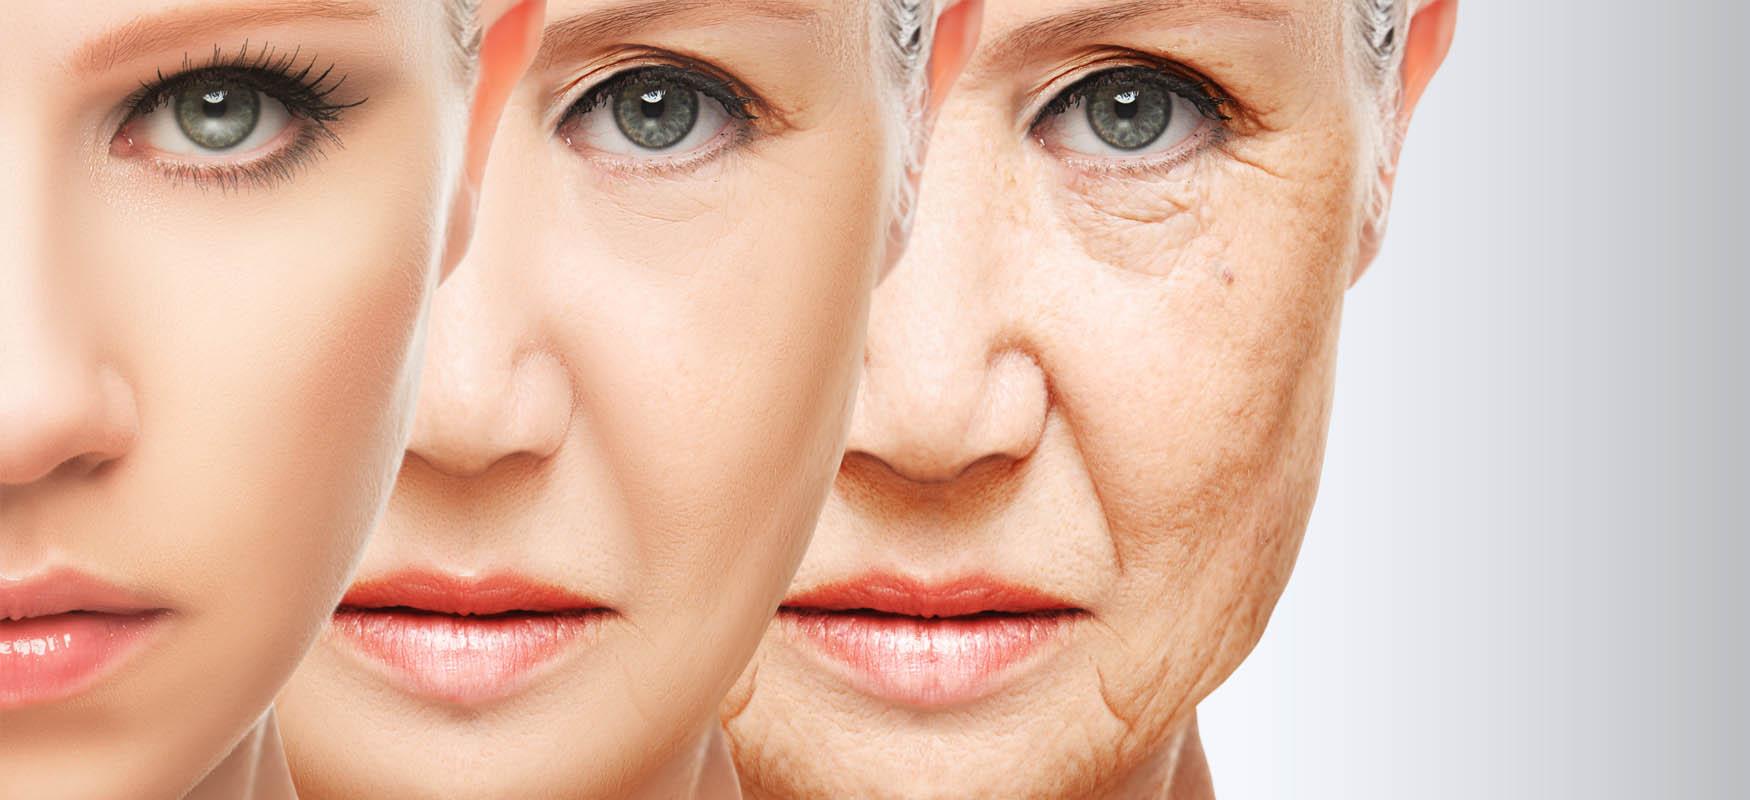 pierwsze oznaki starzenia pakiet zabiegow